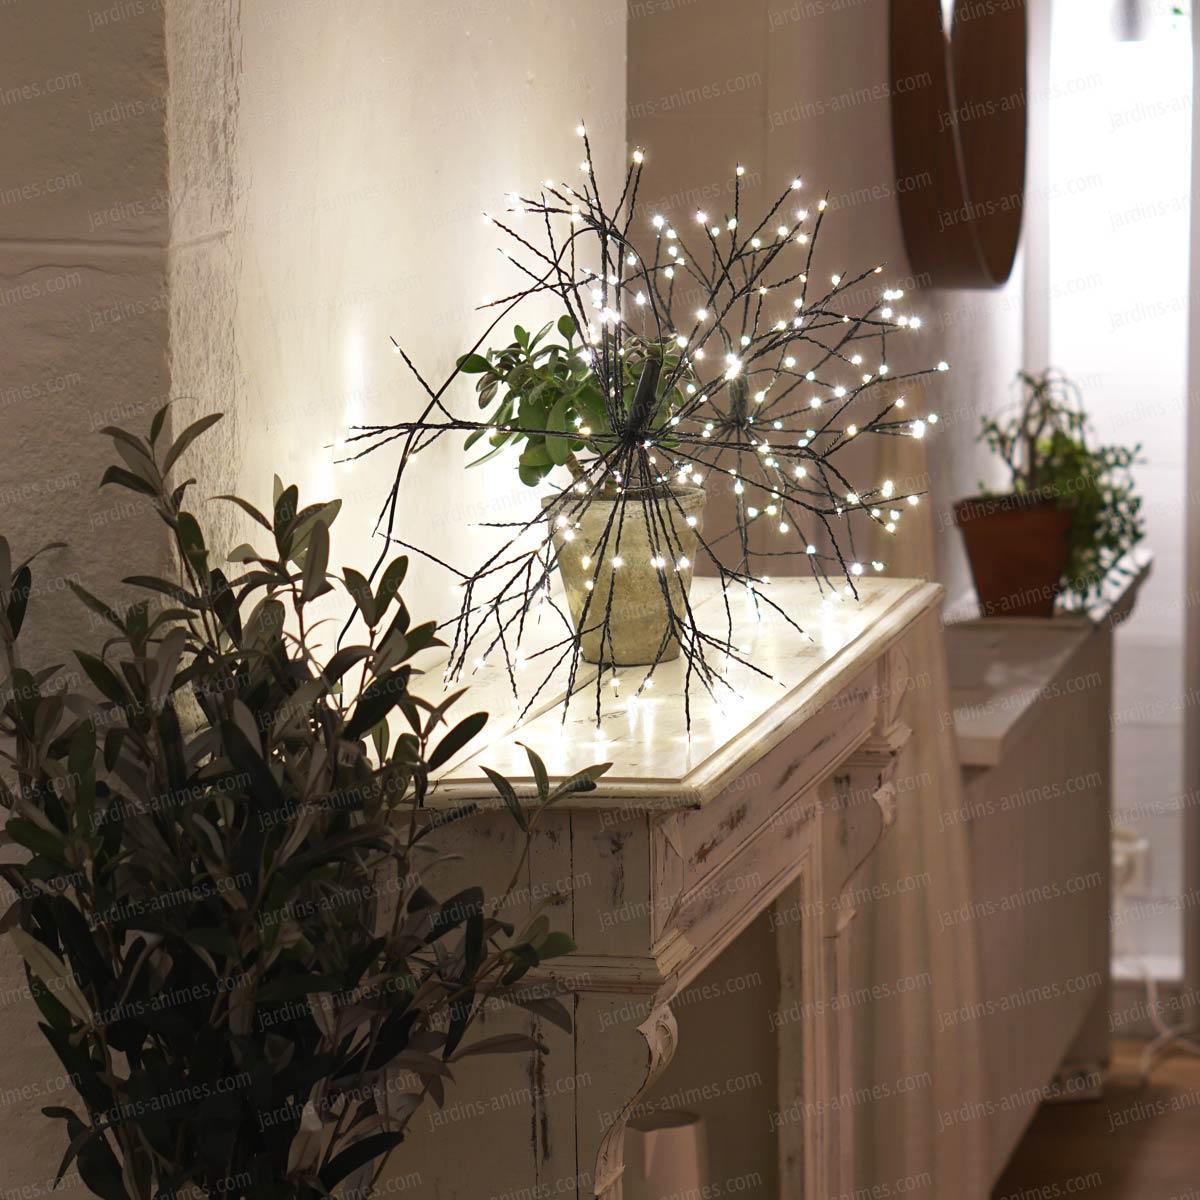 Boule lumineuse  LED pour dcoration intrieure et extrieure  Blanc chaud  Eclairage et Lumire